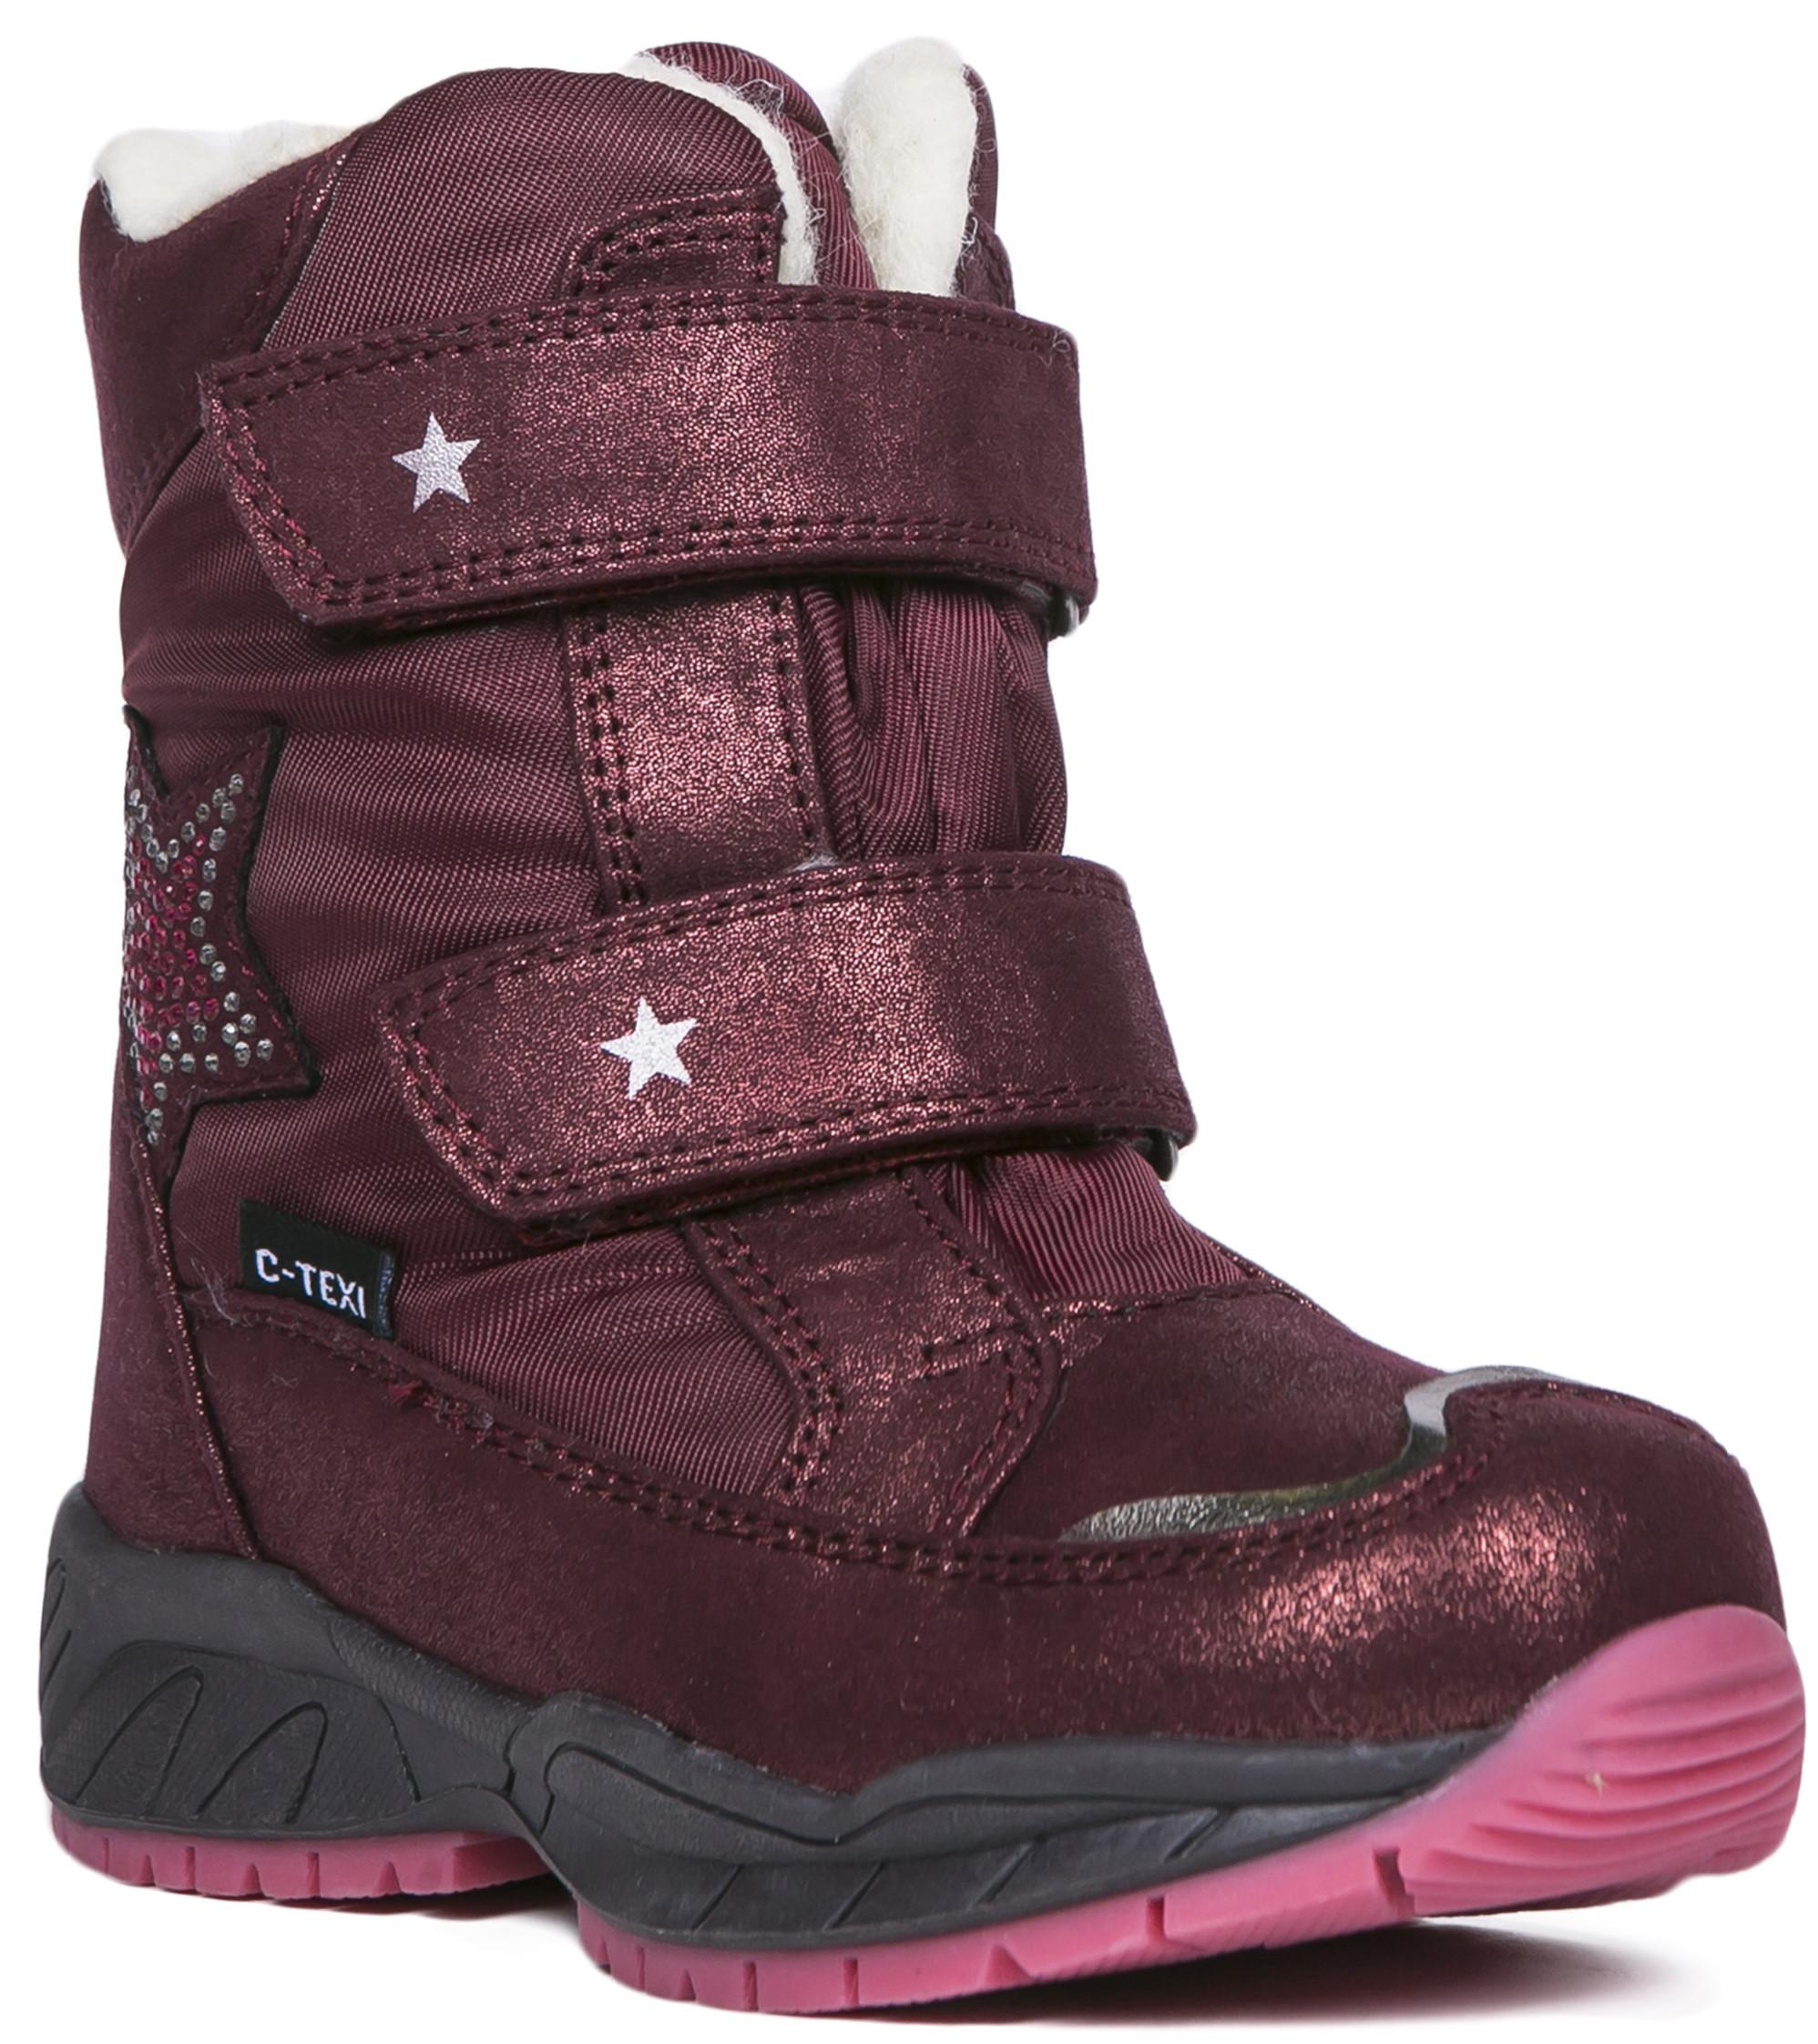 Ботинки и полуботинки Barkito Ботинки для девочки Barkito, бордовые цены онлайн